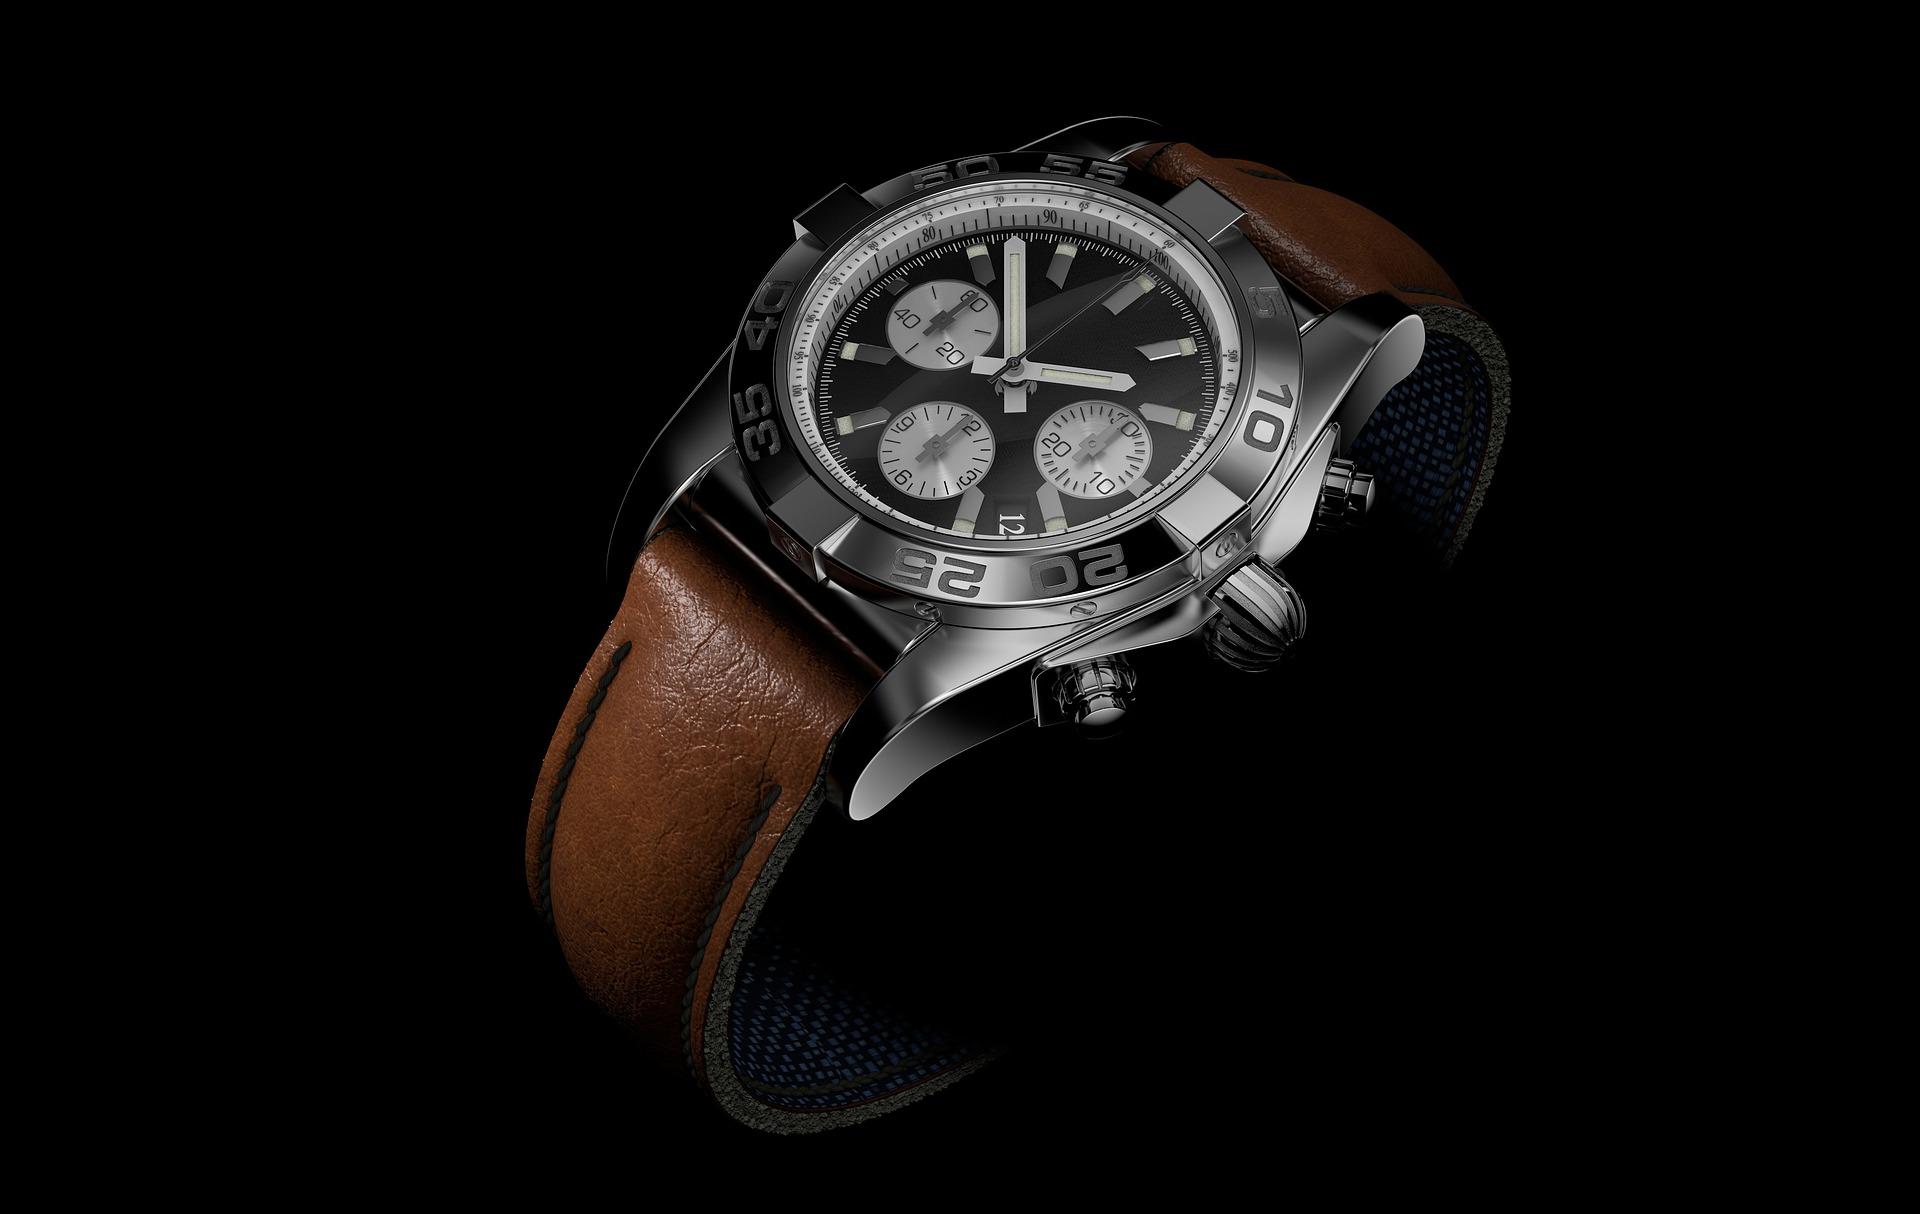 Mechanische Uhren richtig lagern auf ratgeber-blogger.de